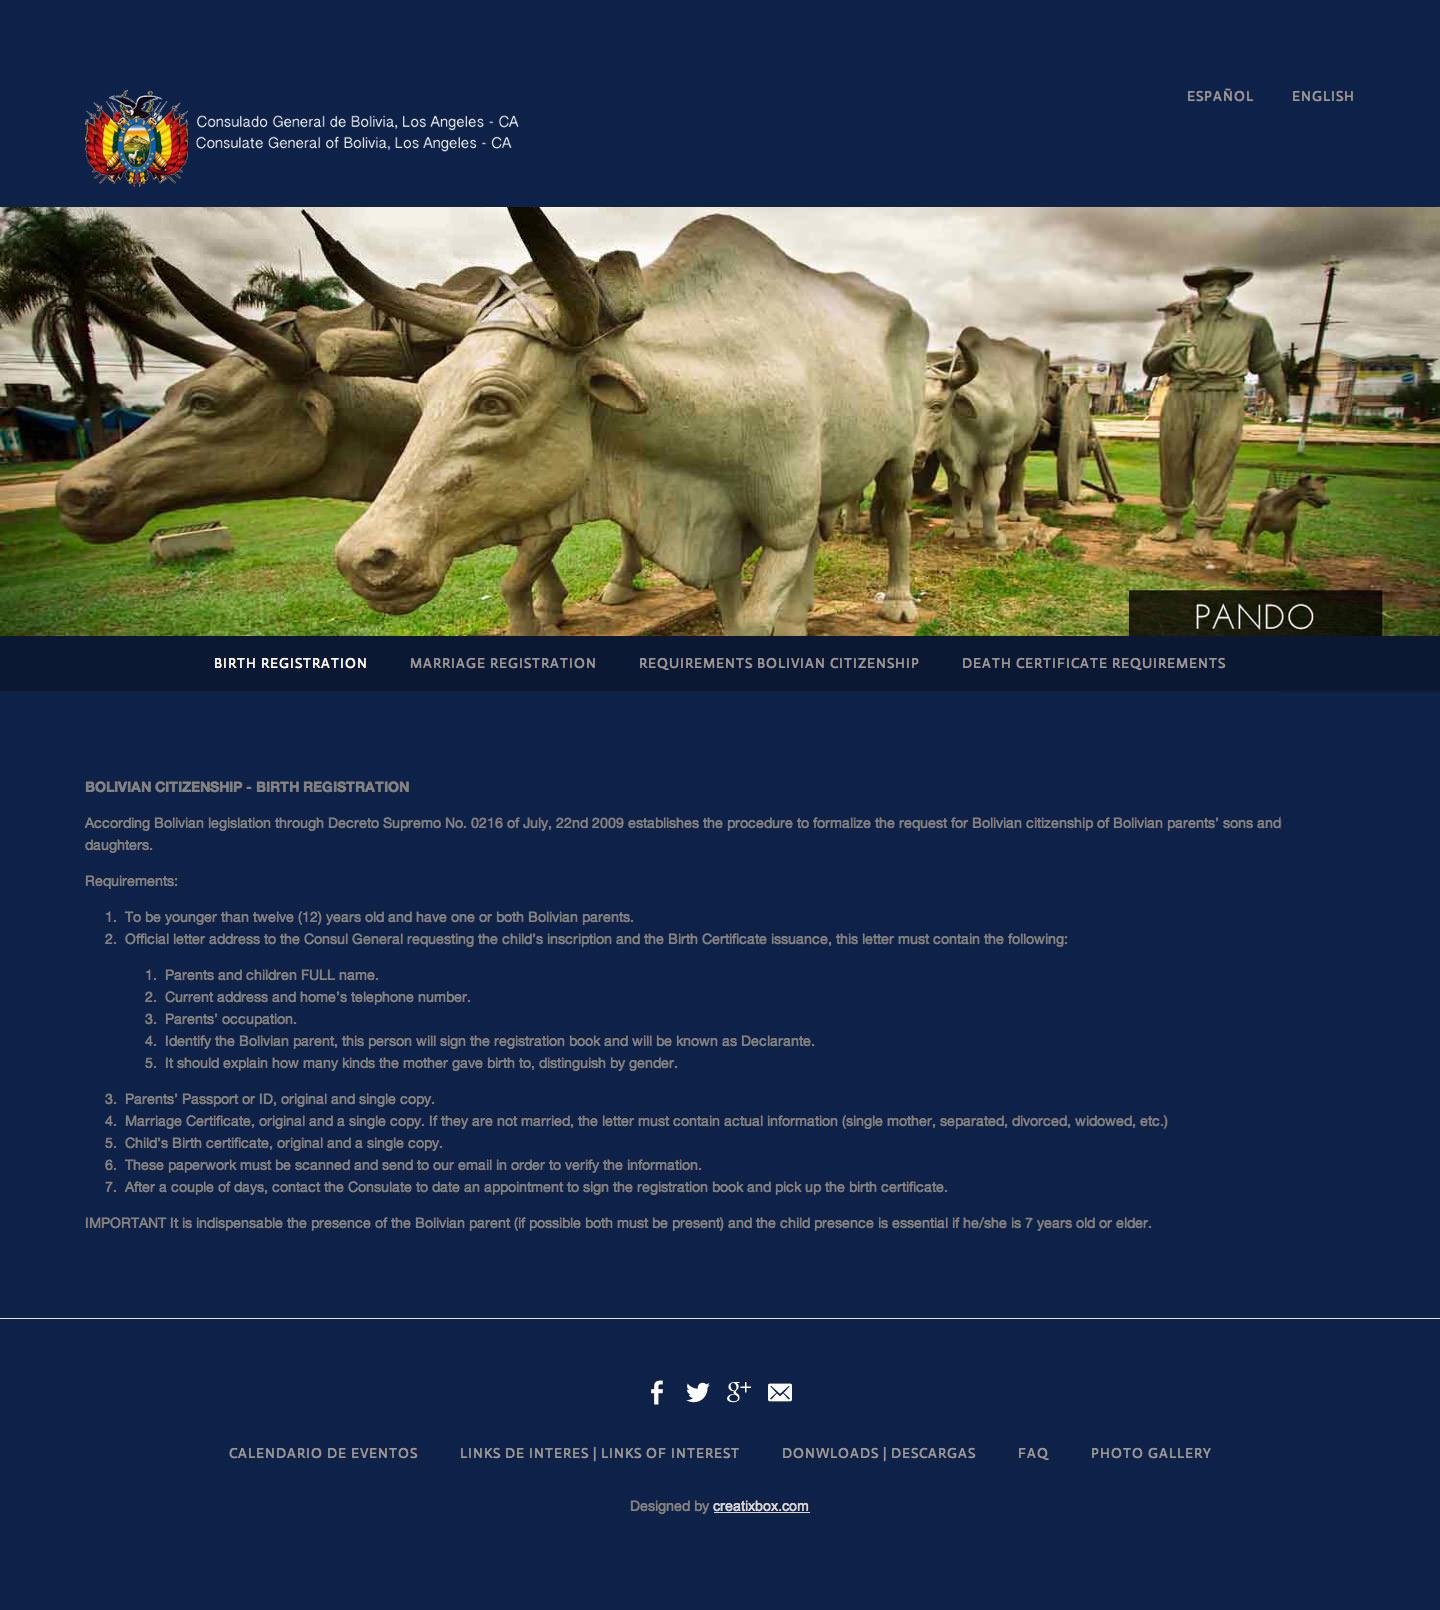 Birth-Registration-—-Consulado-de-Bolivia-en-Los-Angeles.jpg